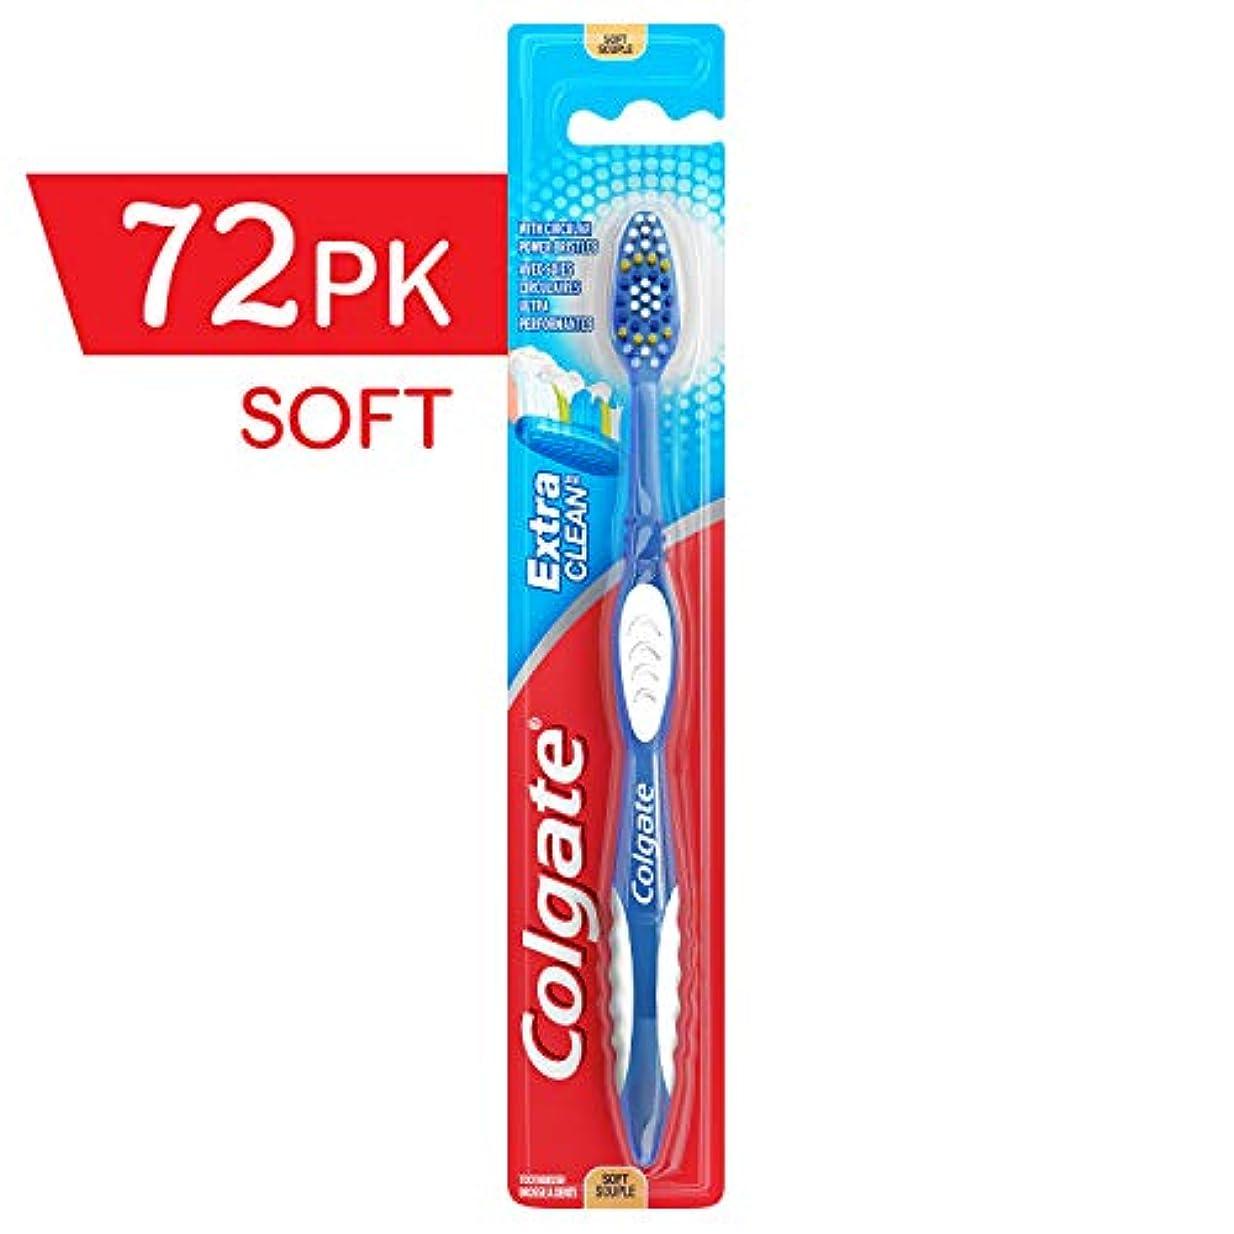 離すスパイ放牧するColgate エクストラクリーン歯ブラシソフト、柔らかい歯ブラシ、バルク歯ブラシ、旅行歯ブラシ、(72の場合)(モデル番号:155676)